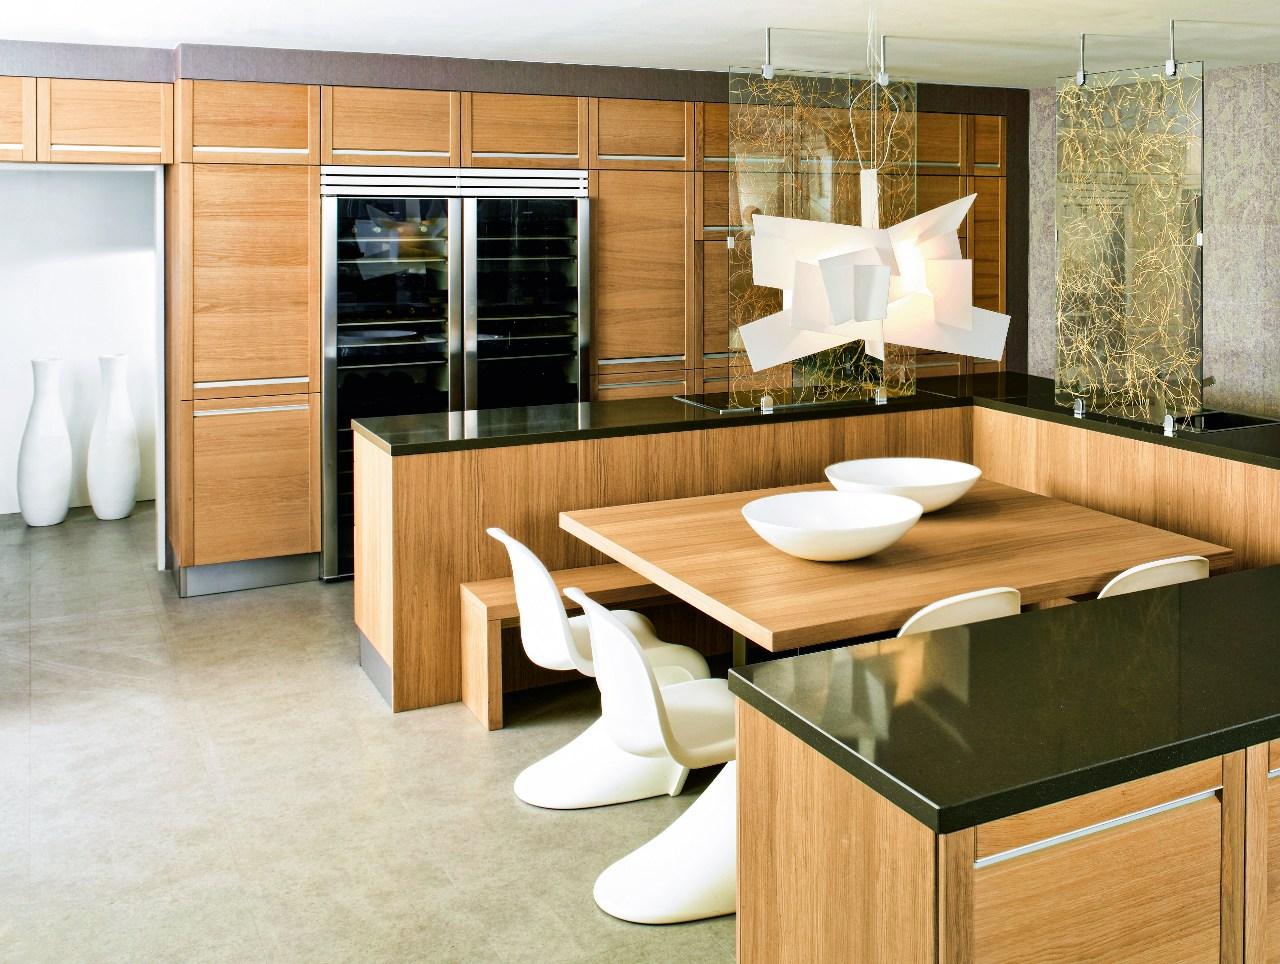 Küchen Mit Sitzgelegenheit schreinerküchen alles über schreinerküchen